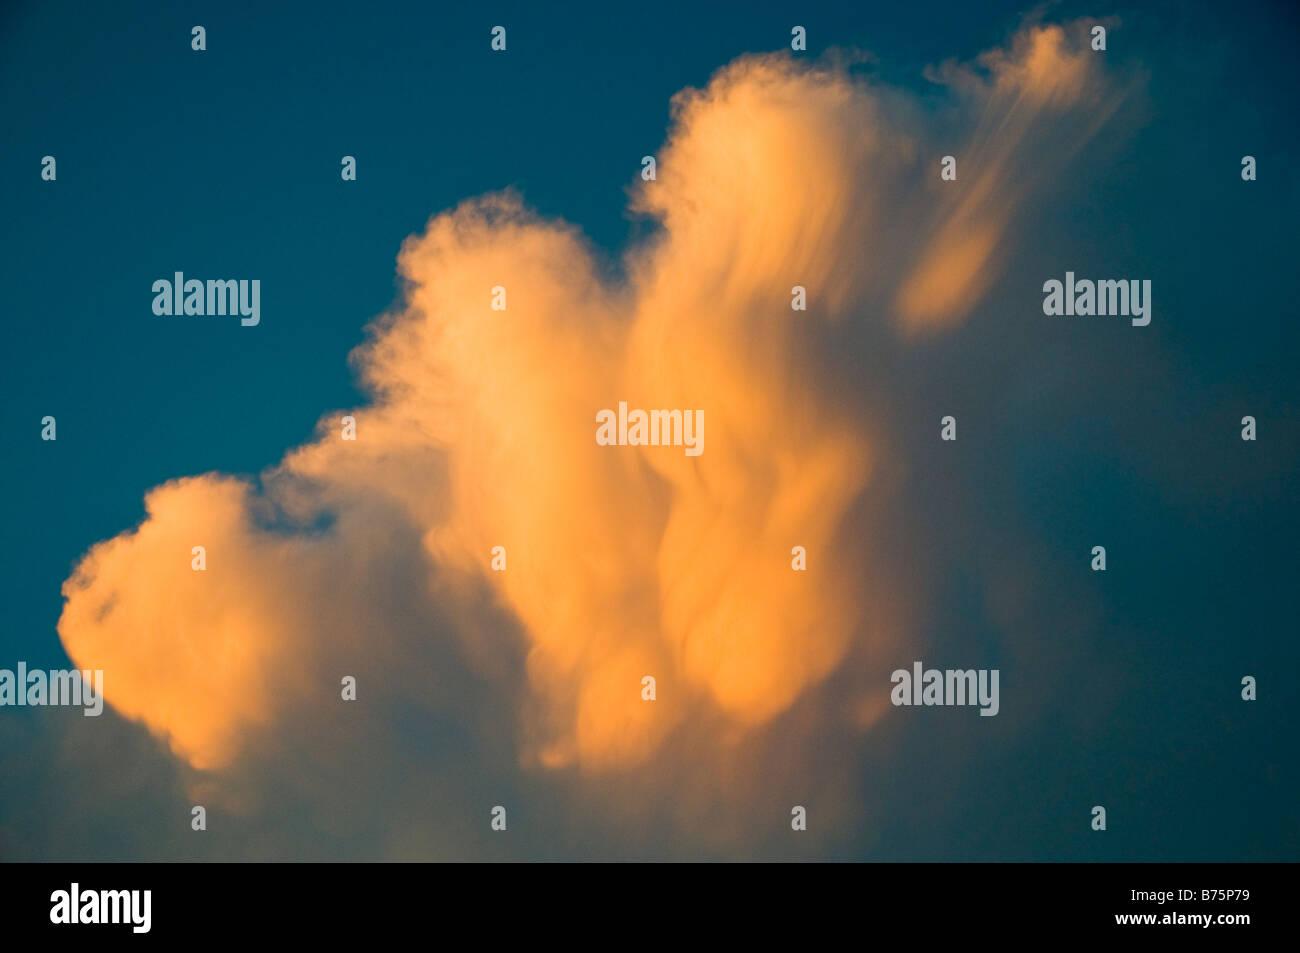 Unusual Updraft Cloud - Stock Image